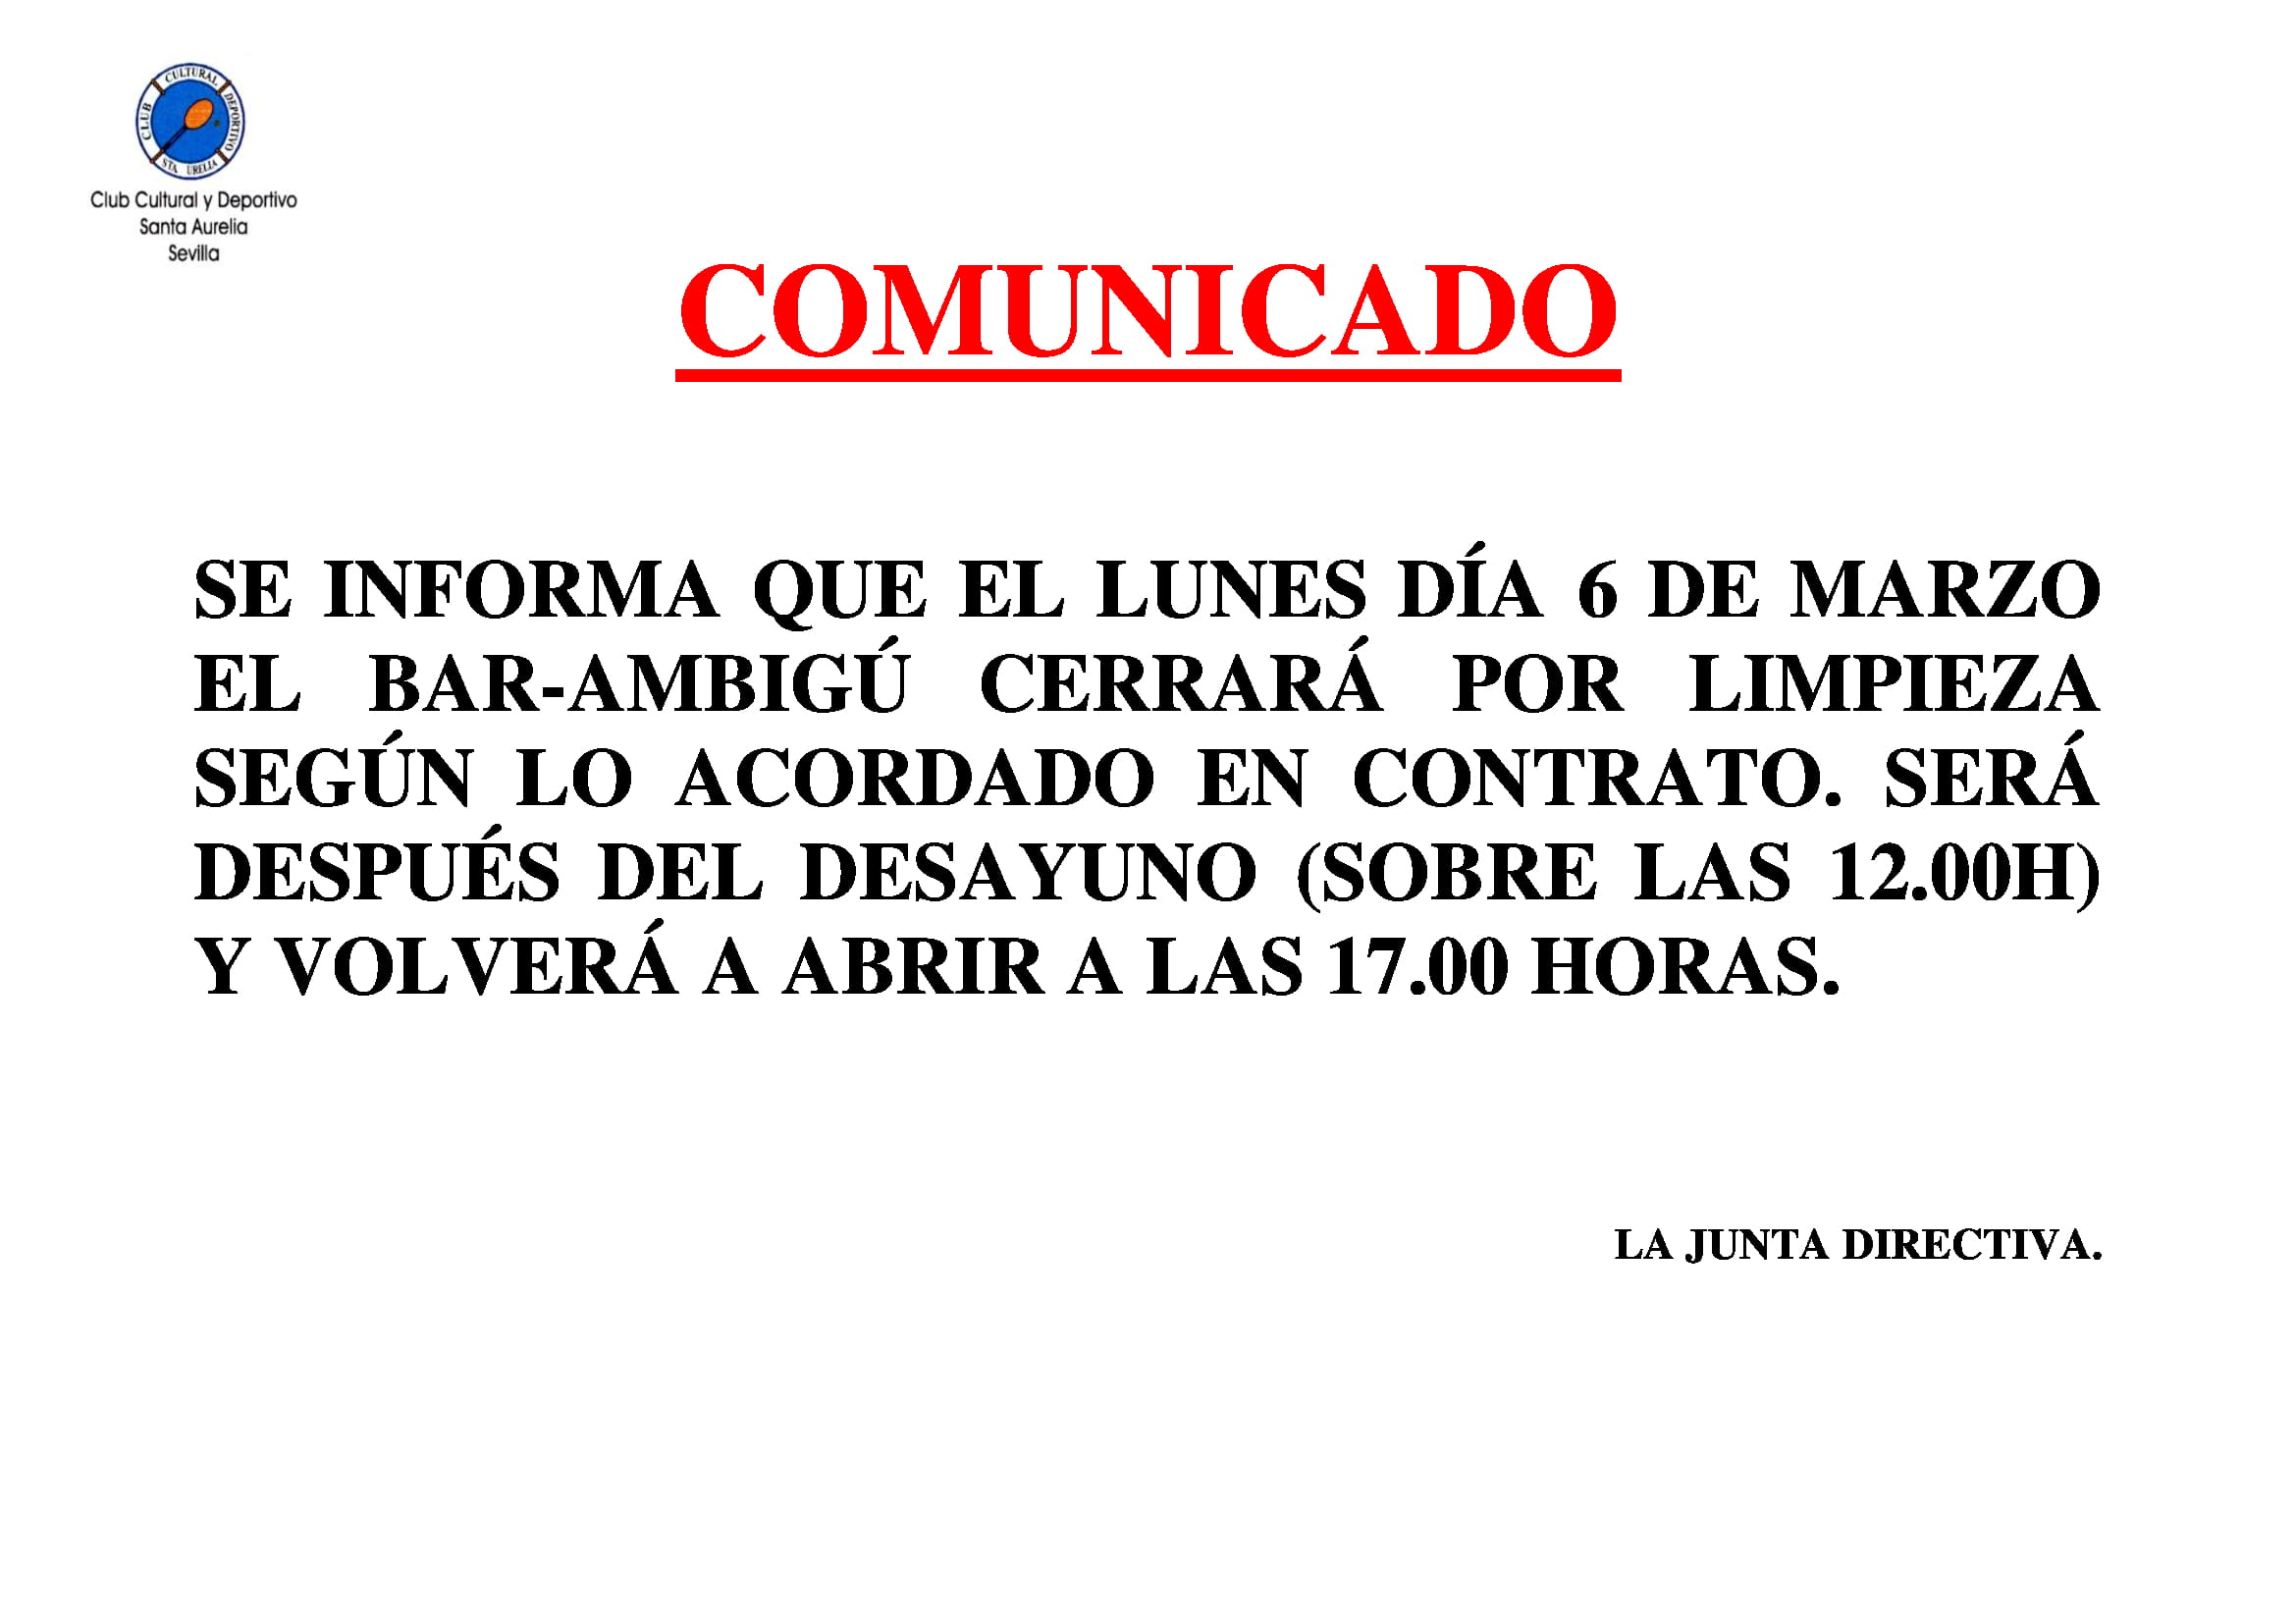 COMUNICADO LIMPIEZA CIERRE BAR 1